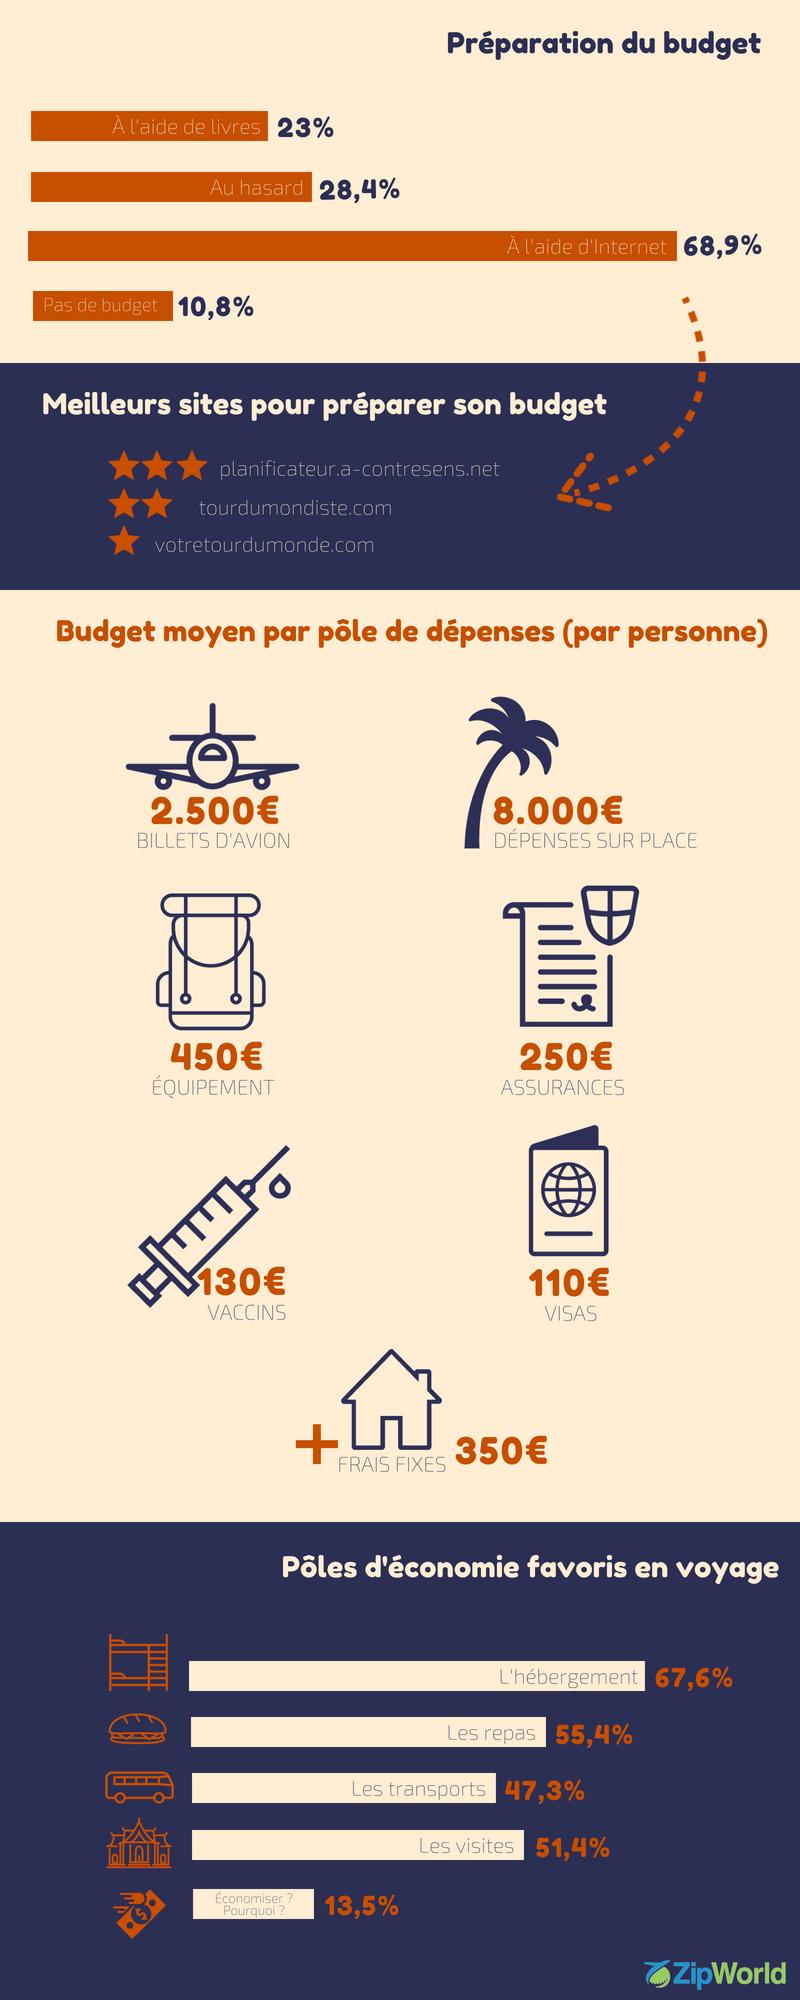 Le budget de voyage - Infographie